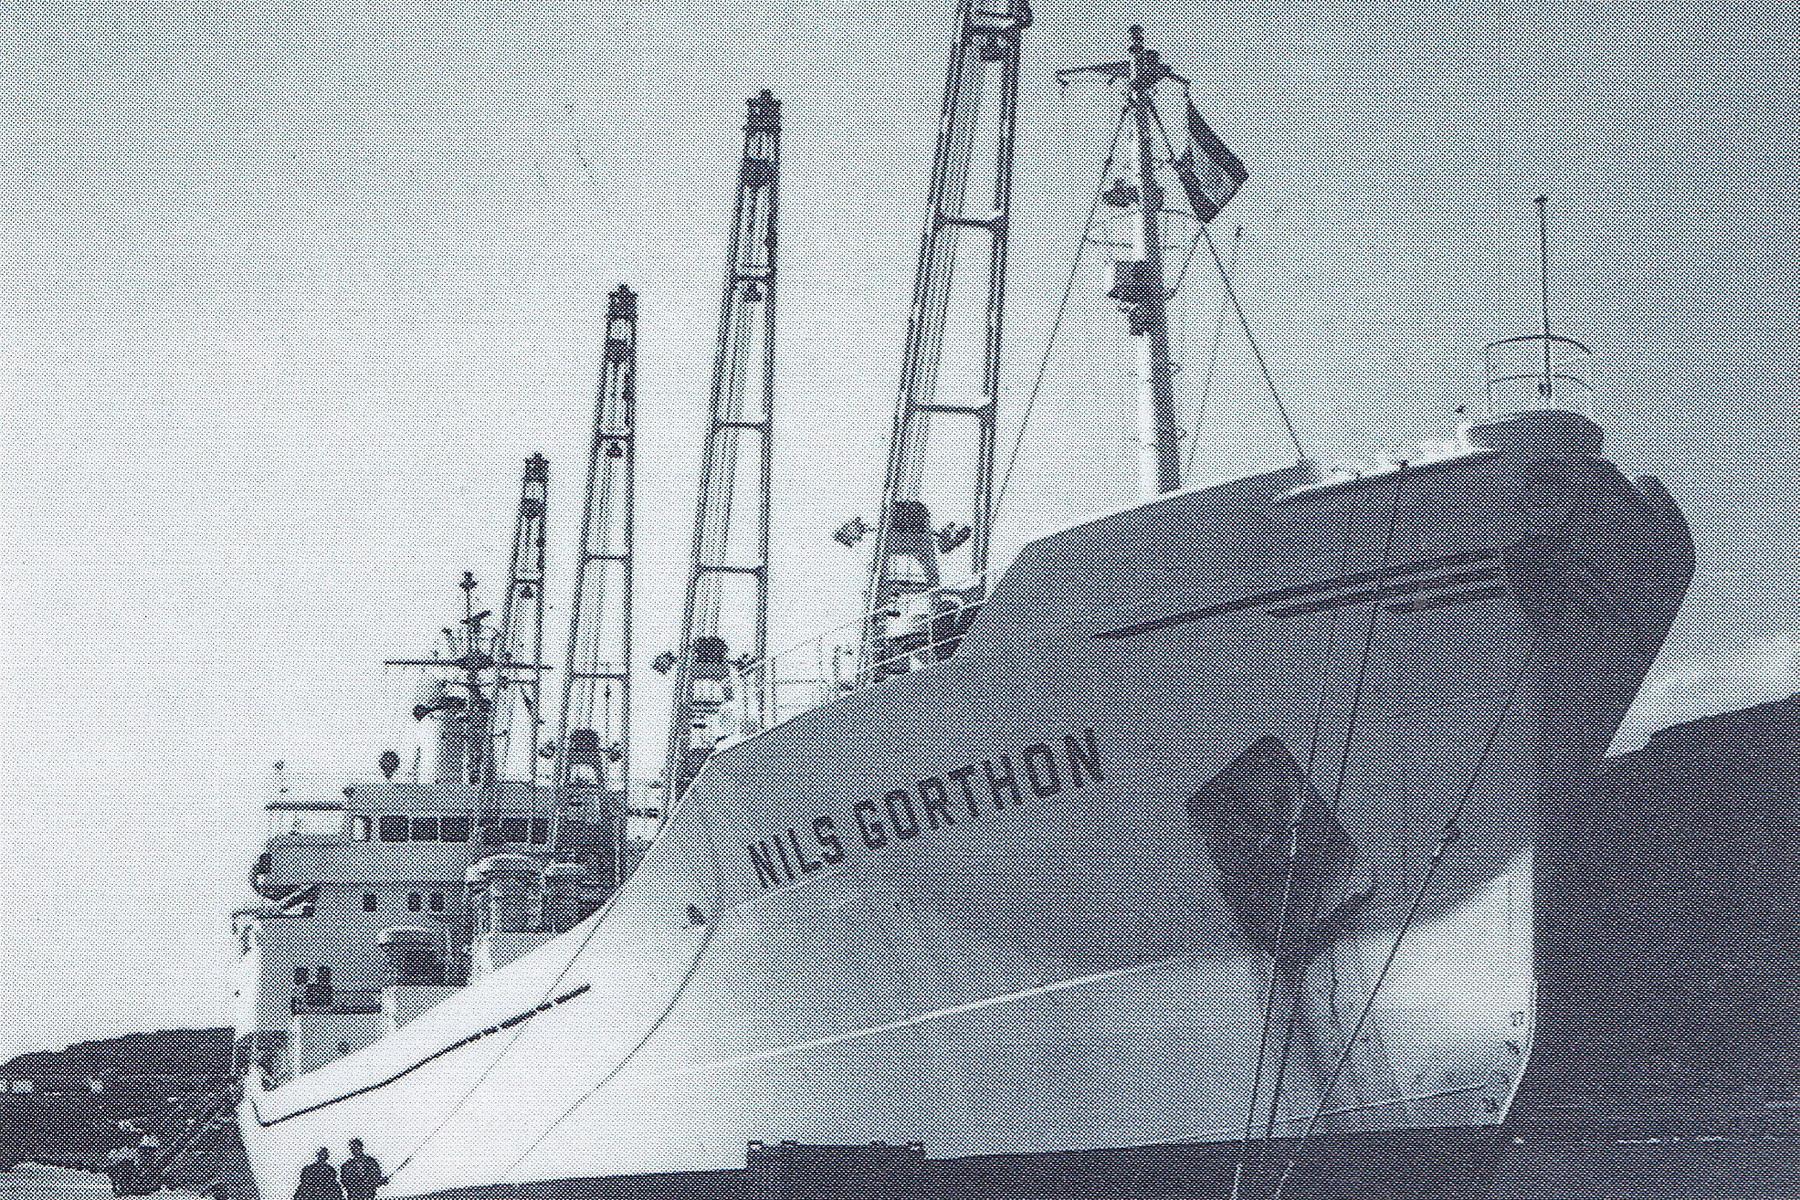 NILS GORTHON Archivo J. Casamajor